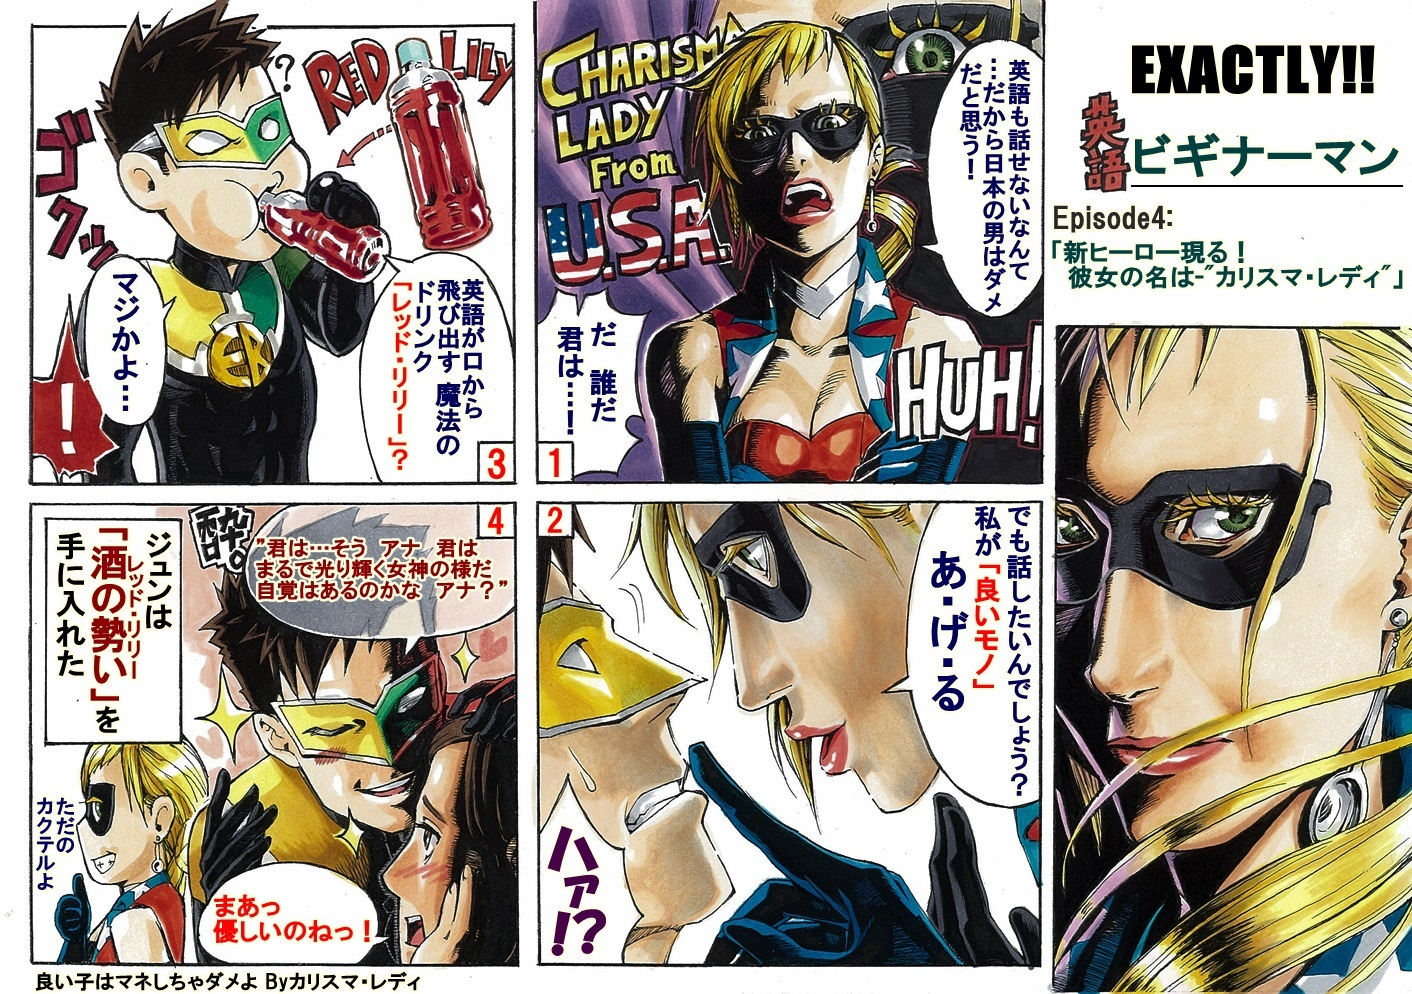 """EXACTLY!!英語ビギナーマン第四話【新ヒーロー現る!彼女の名は""""カリスマ・レディ""""】"""